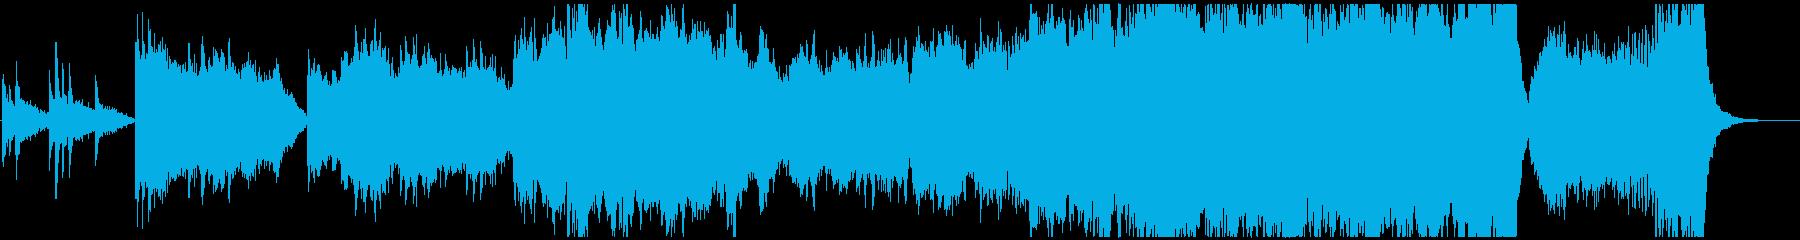 壮大なスケールのオーケストラサウンドの再生済みの波形